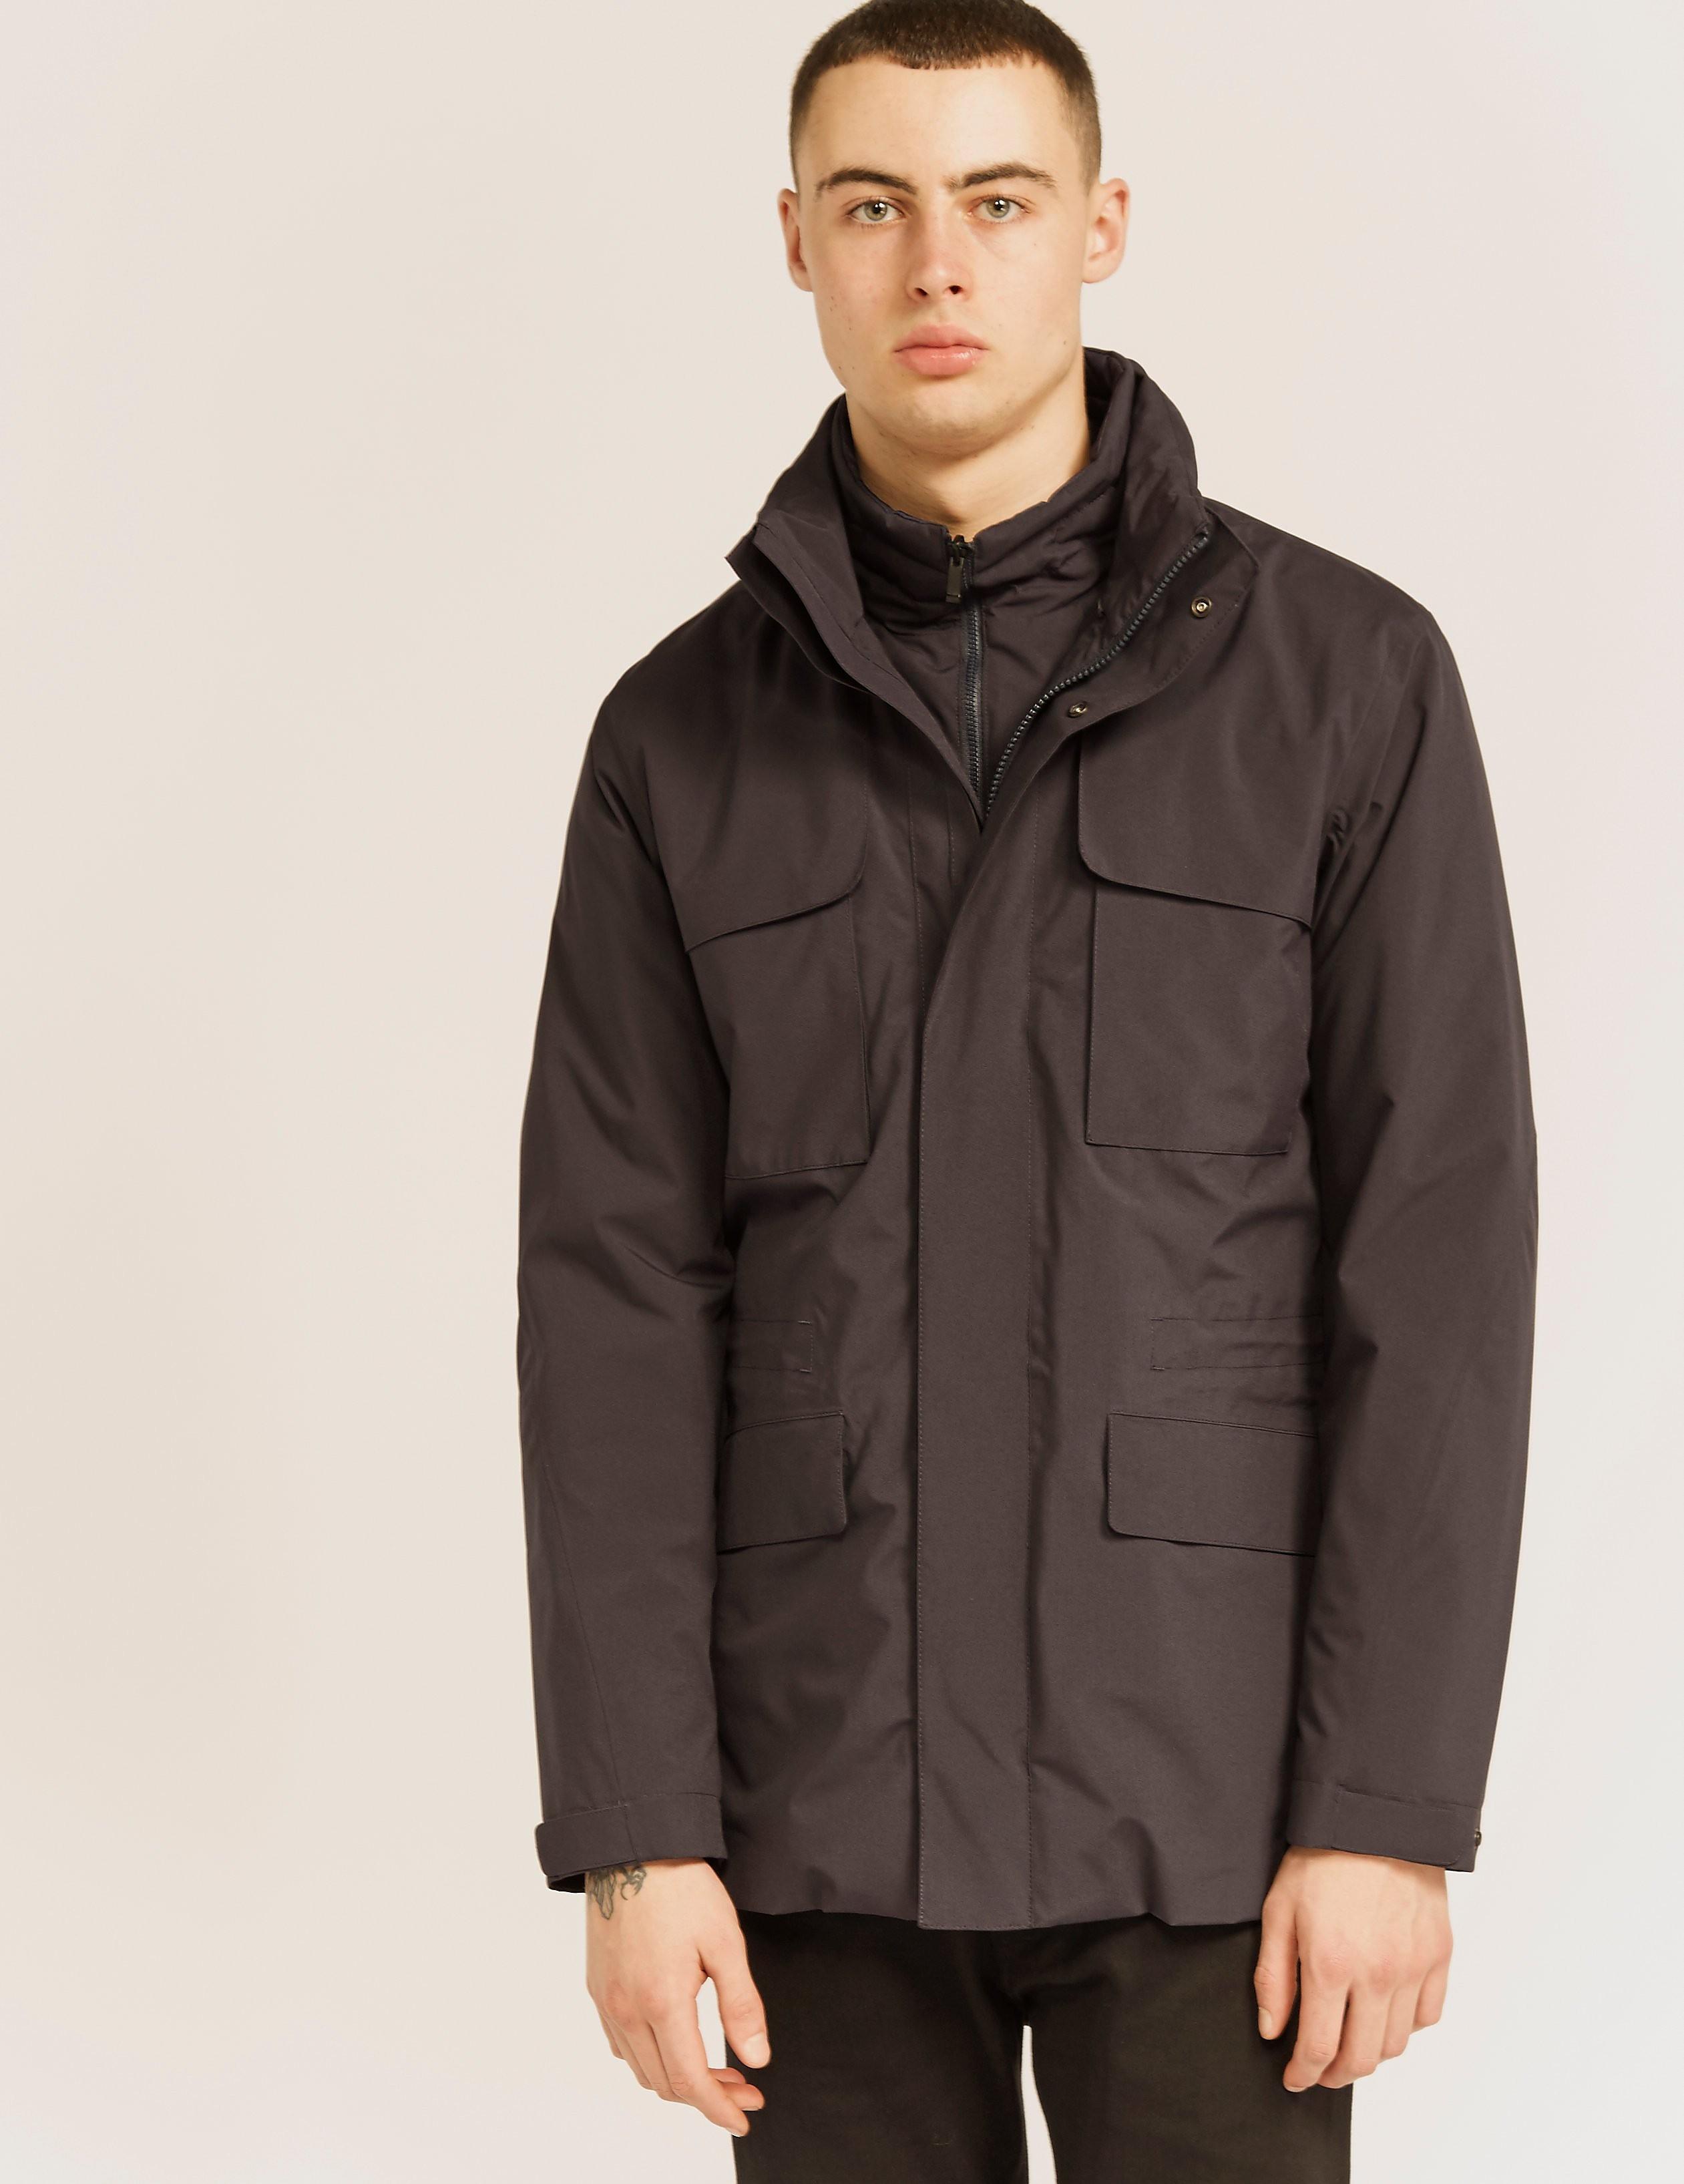 Z Zegna Three in One Jacket